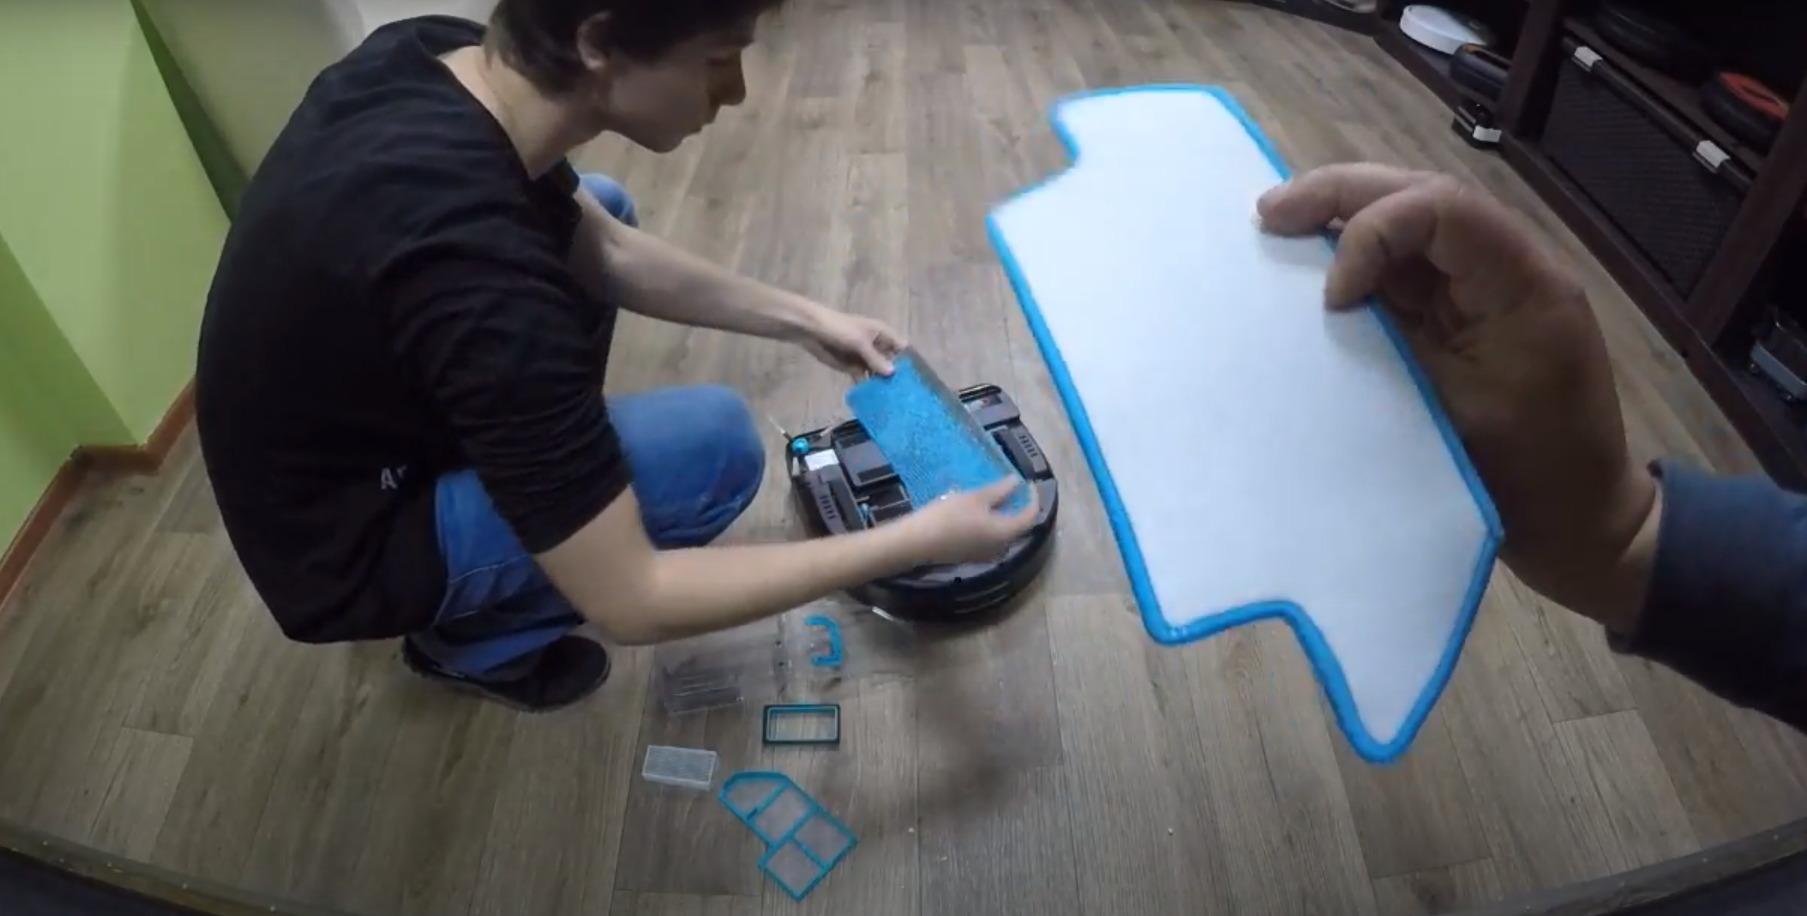 моющий робот пылесос хобот отзывы